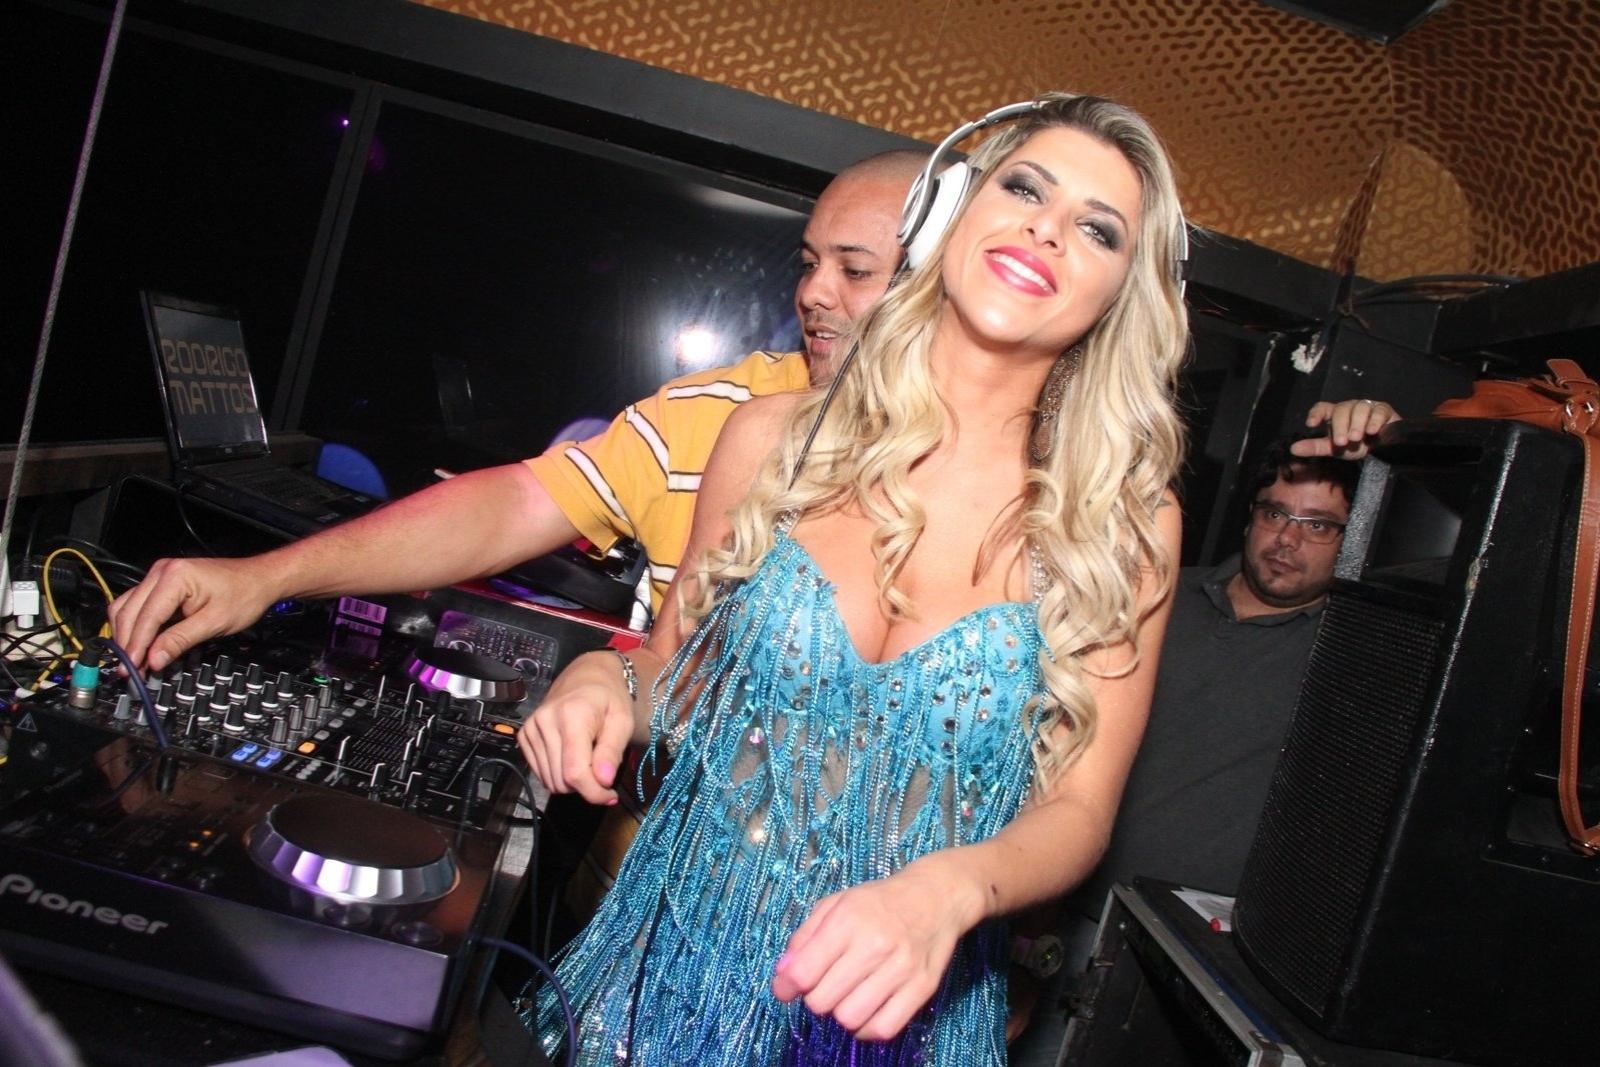 2.ago.2014 - Ana Paula Minerato até pagou de DJ durante festa da revista Sexy na boate La Passion, no Rio de Janeiro. Durante o evento, a bela foi traída pelo vestido, distribuiu autógrafos, tirou fotos e até beijou fã